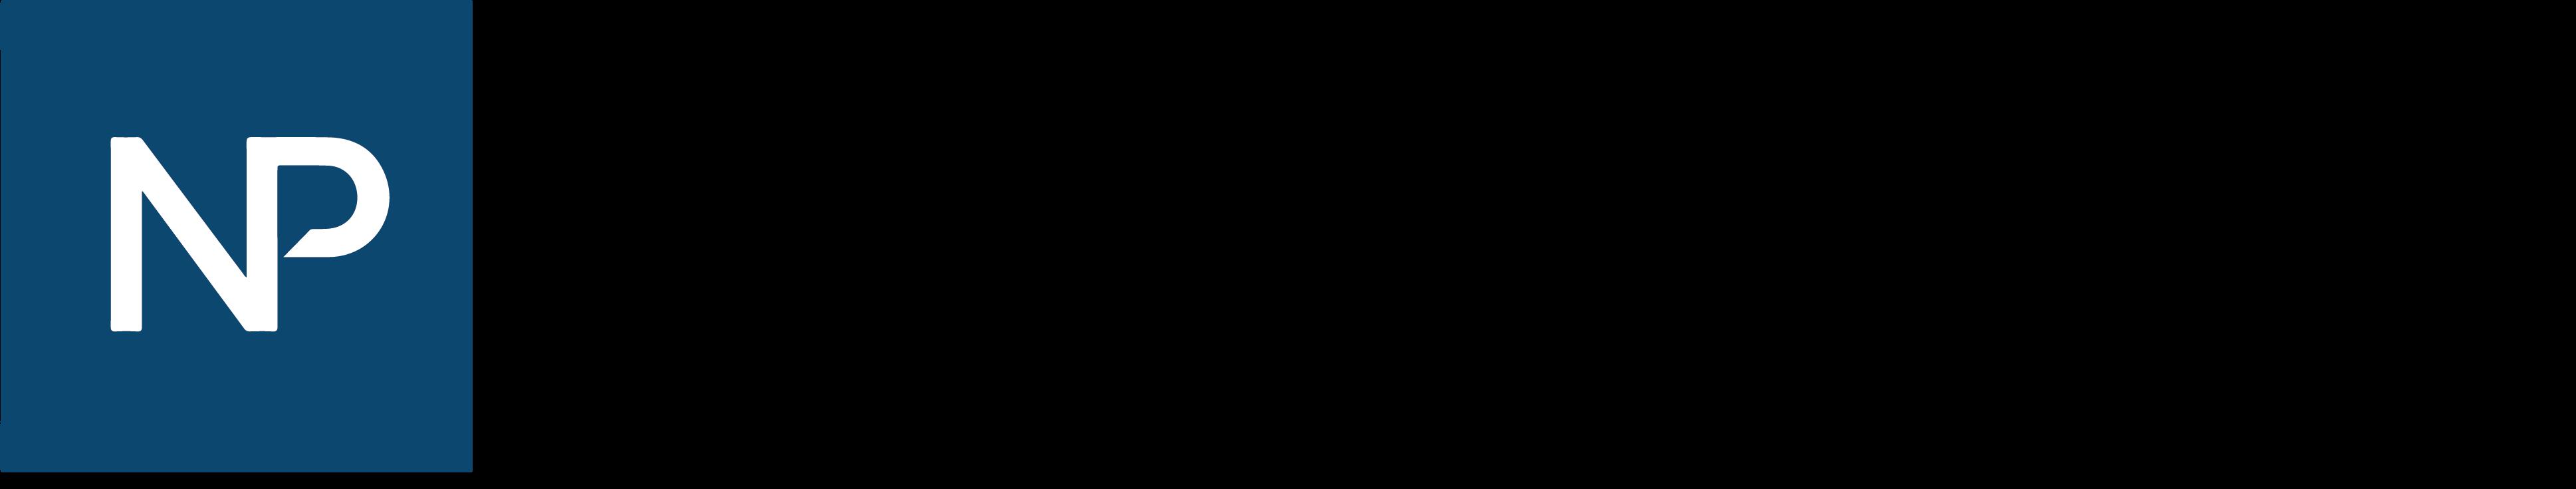 NEOPresse - Unabhängige Nachrichten